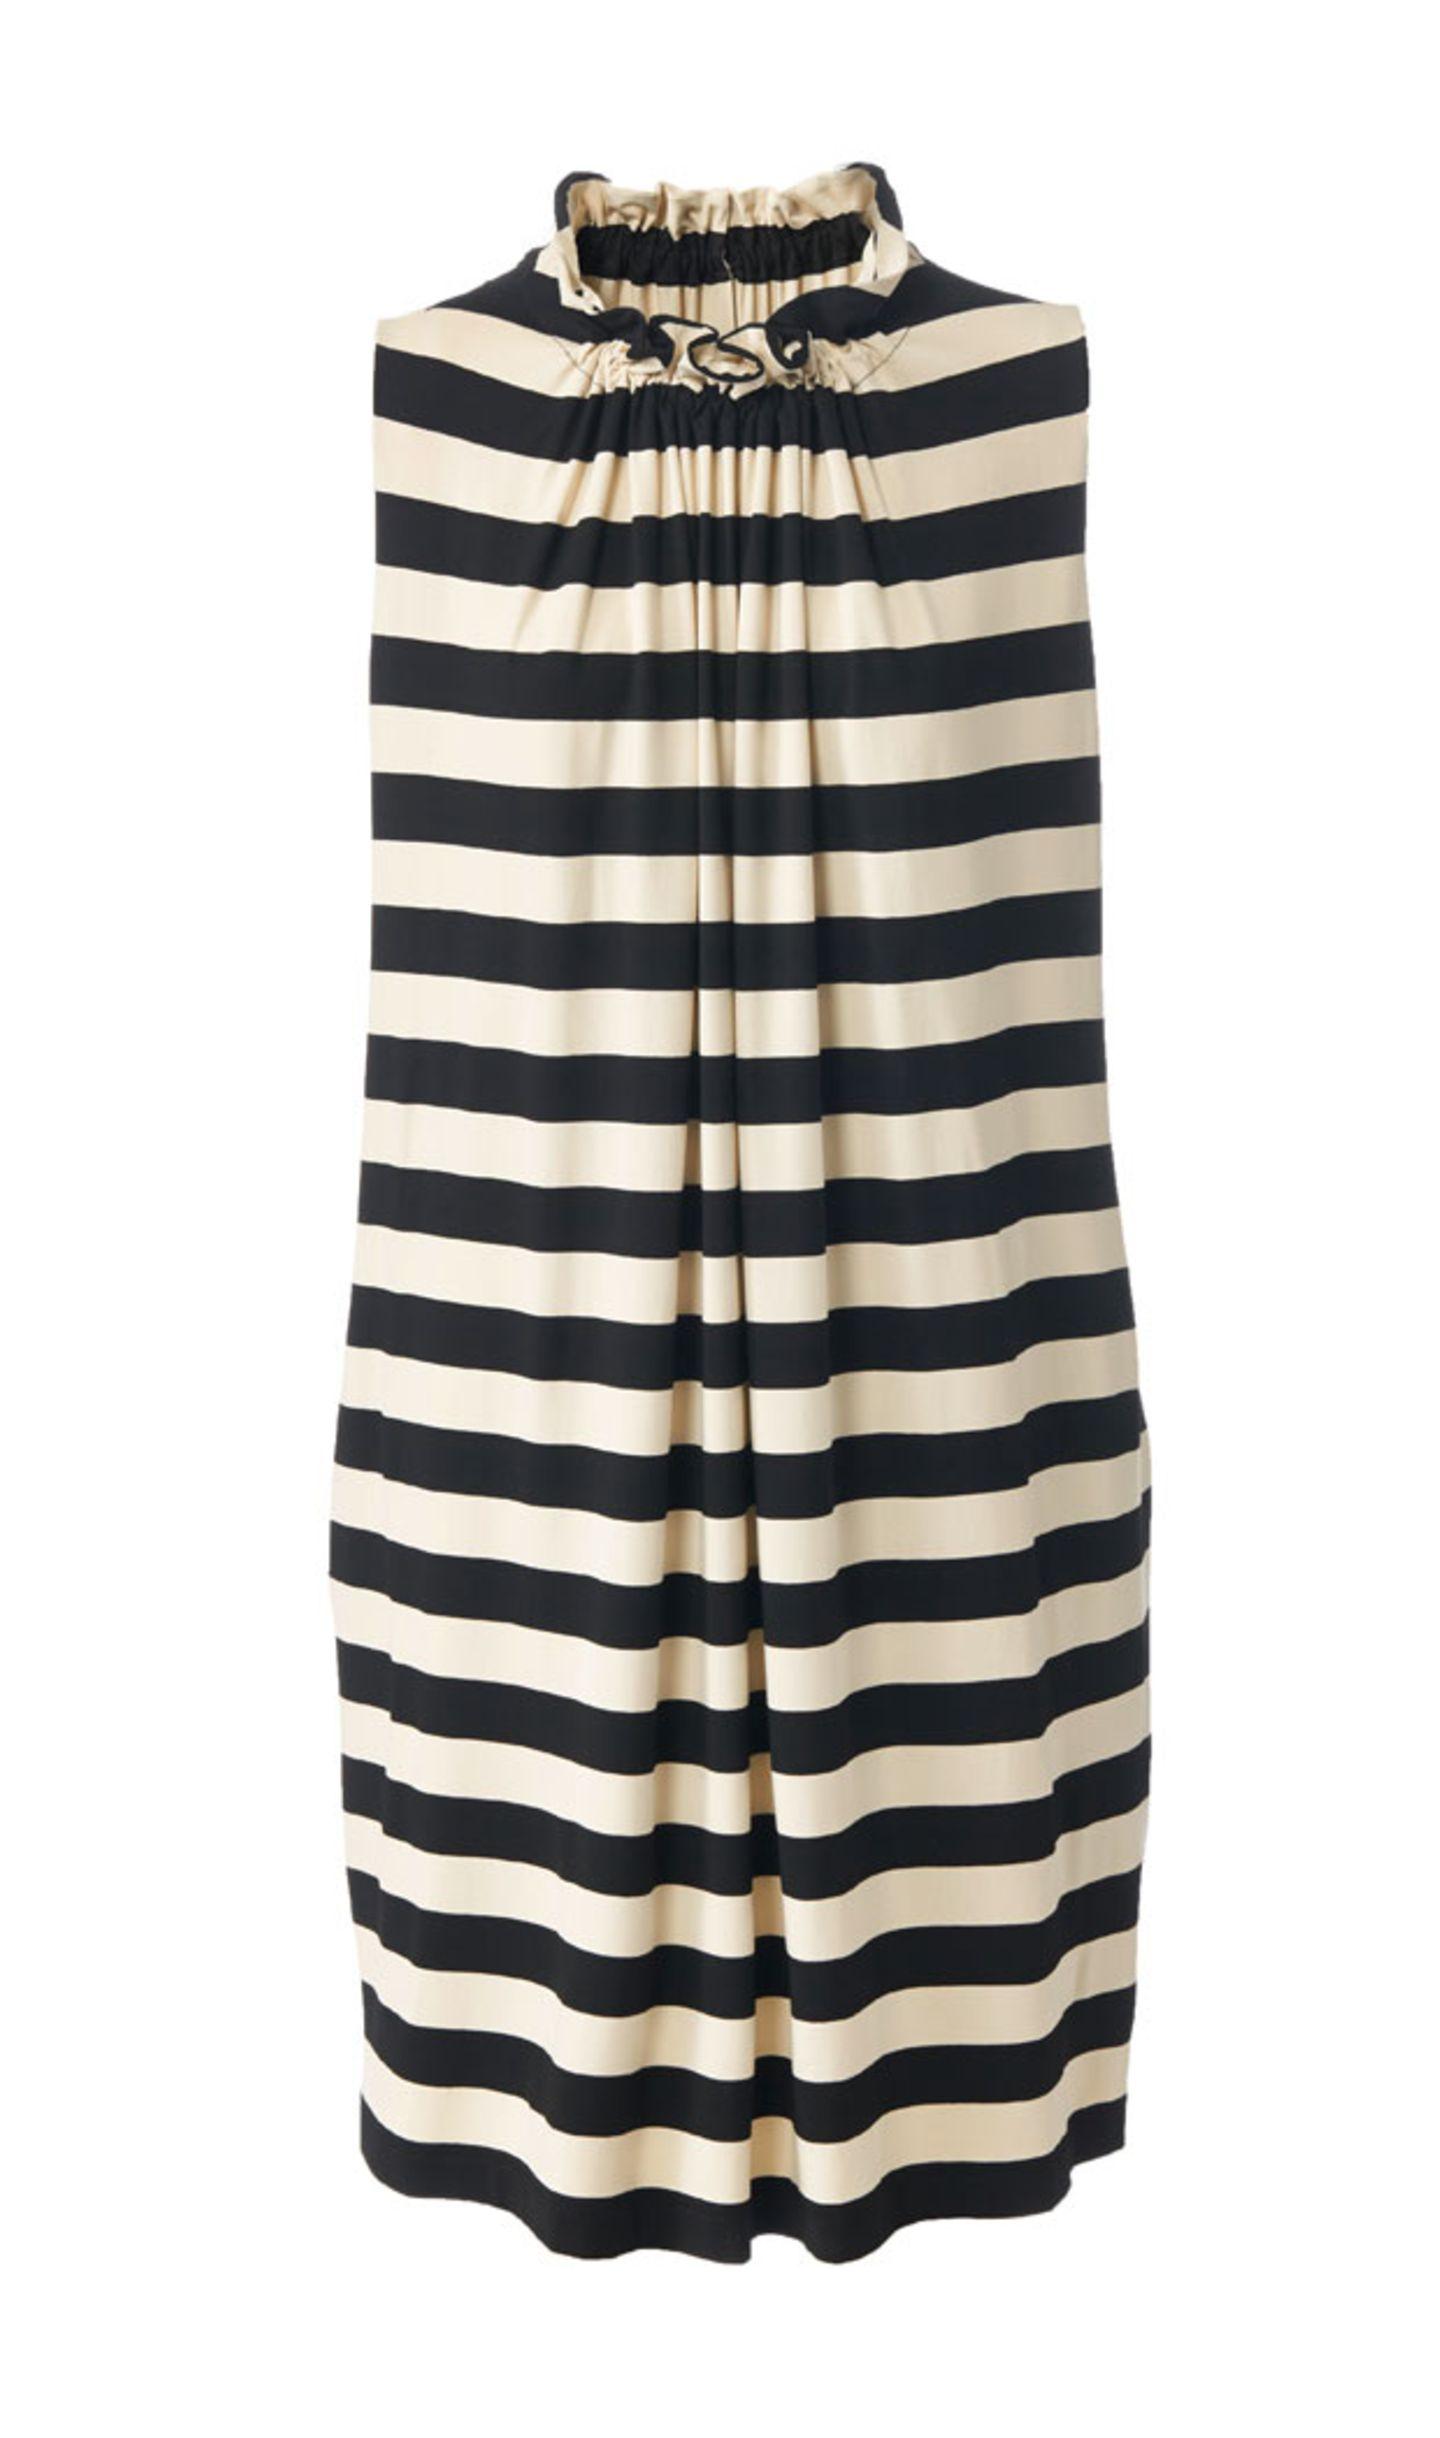 Hängerchen-Kleid nähen - eine Anleitung